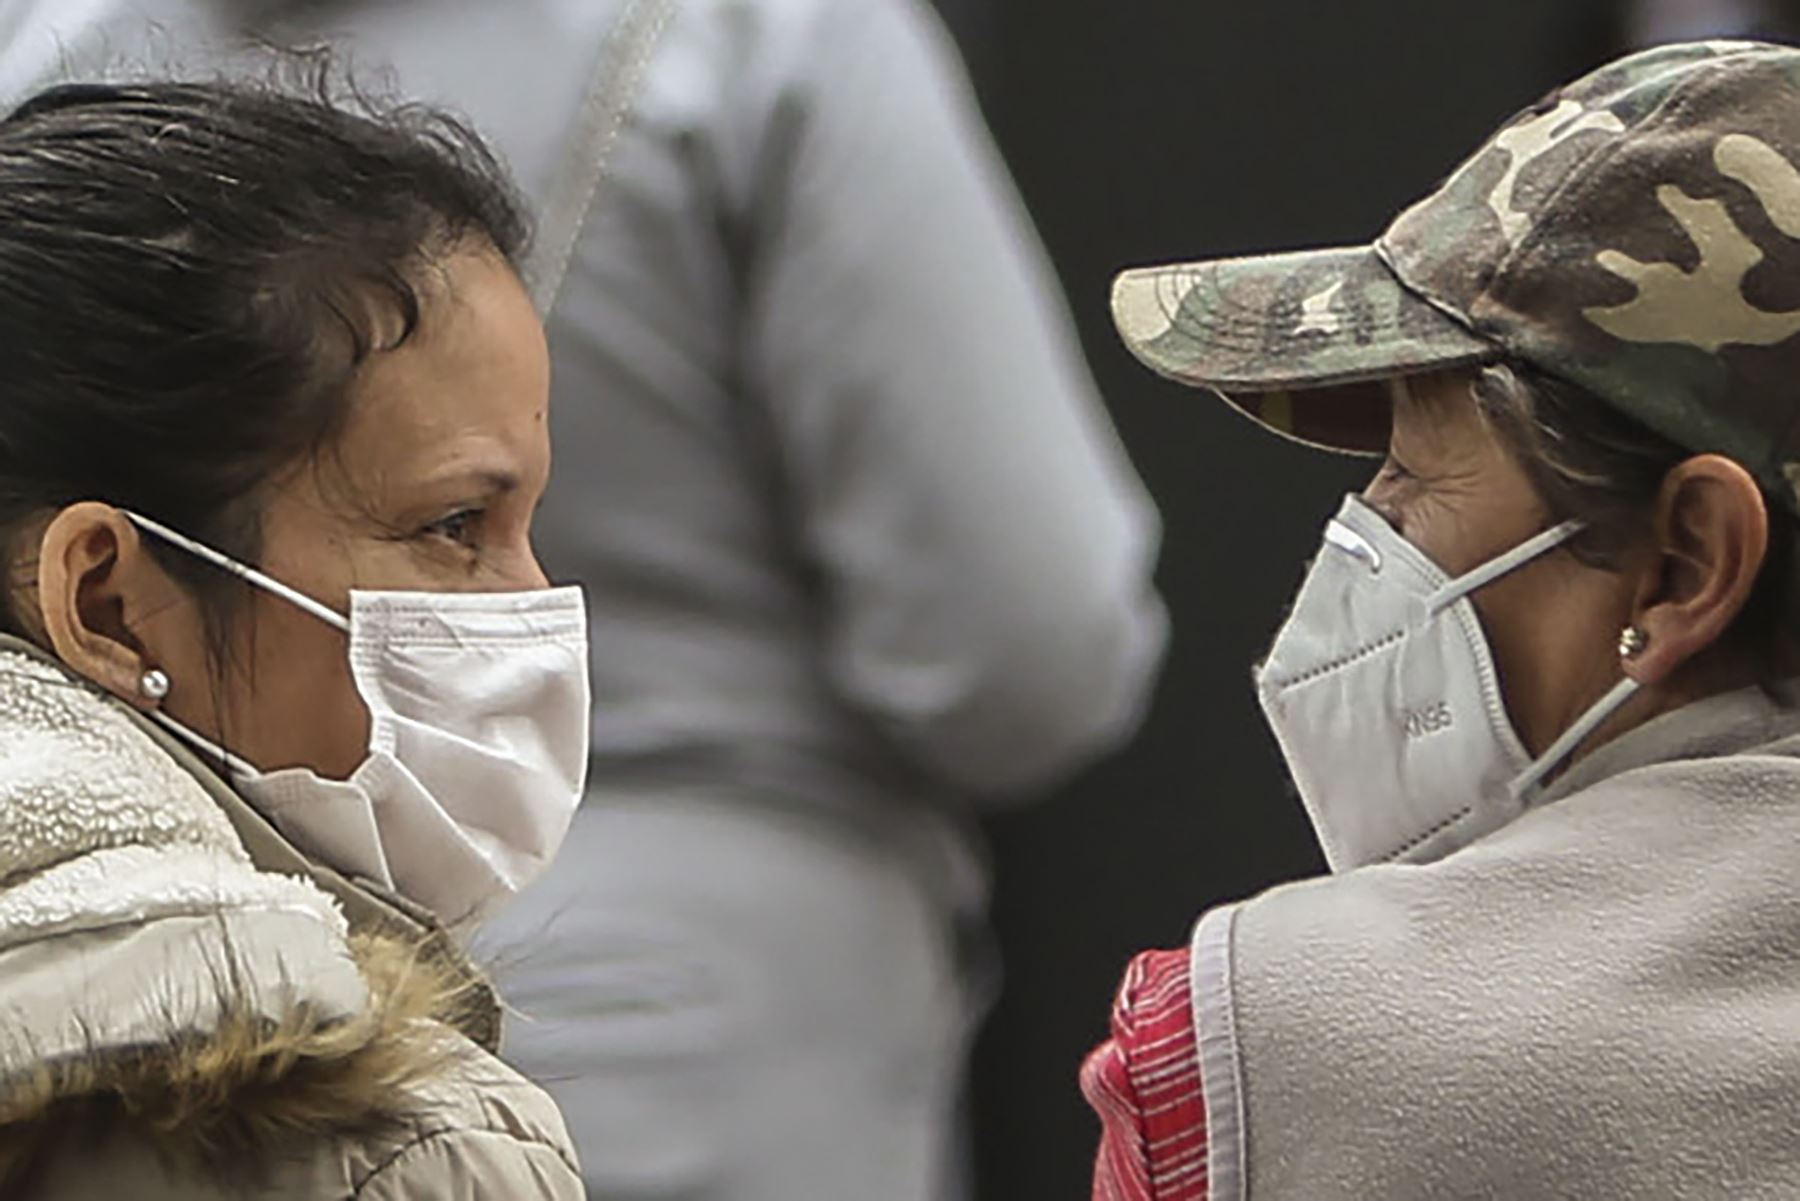 Mujeres con mascarilla hablan afuera de una carpa donde se atiende a pacientes con síntomas de covid-19, afuera del hospital IESS Sur, en Quito, el 20 de julio del 2020. Foto: AFP.